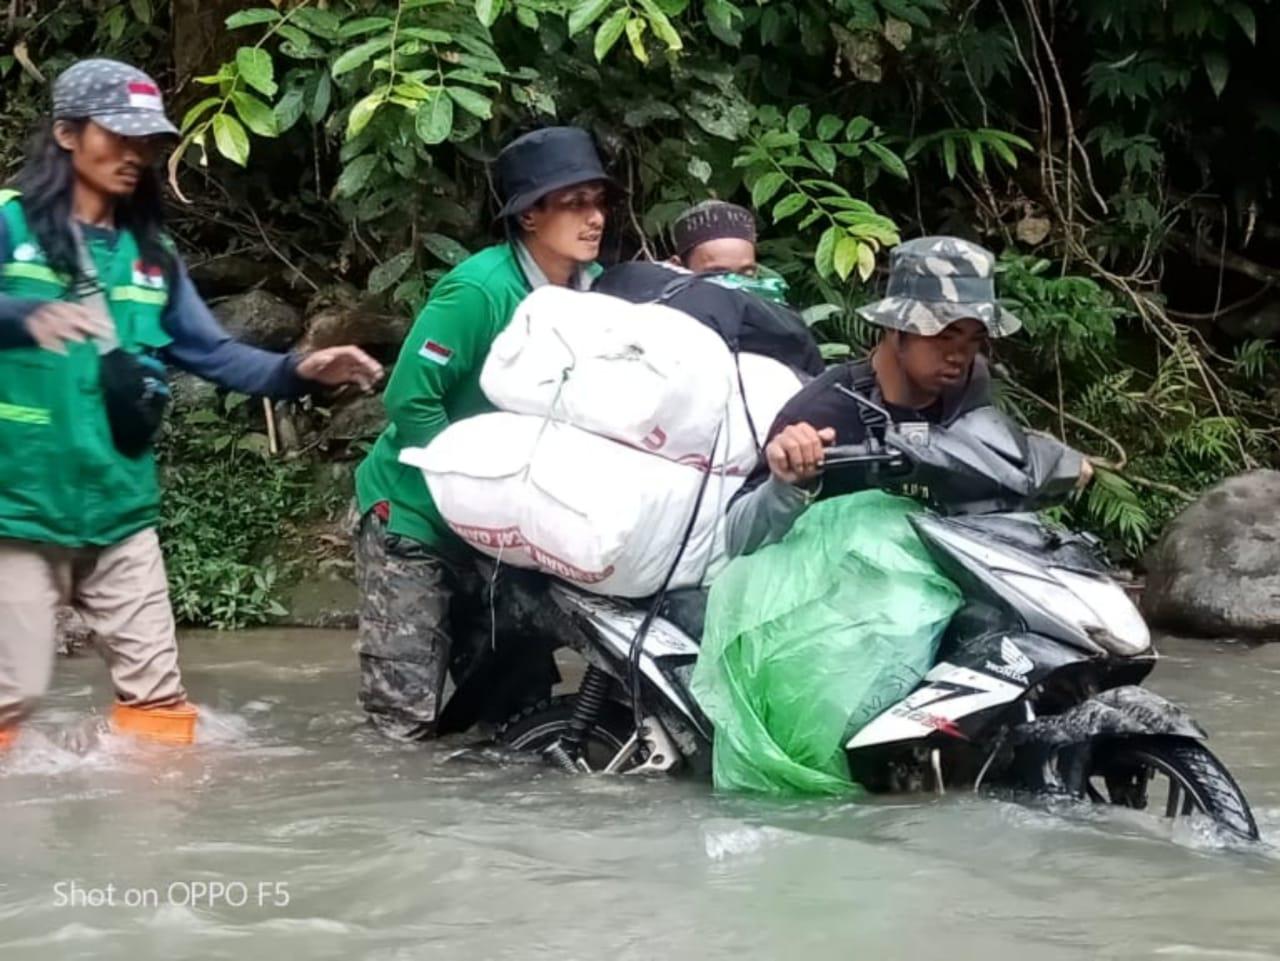 Perjuangan Relawan Wahdah, Menyebrangi Sungai Bawa Bantuan ke Puncak Ulumanda